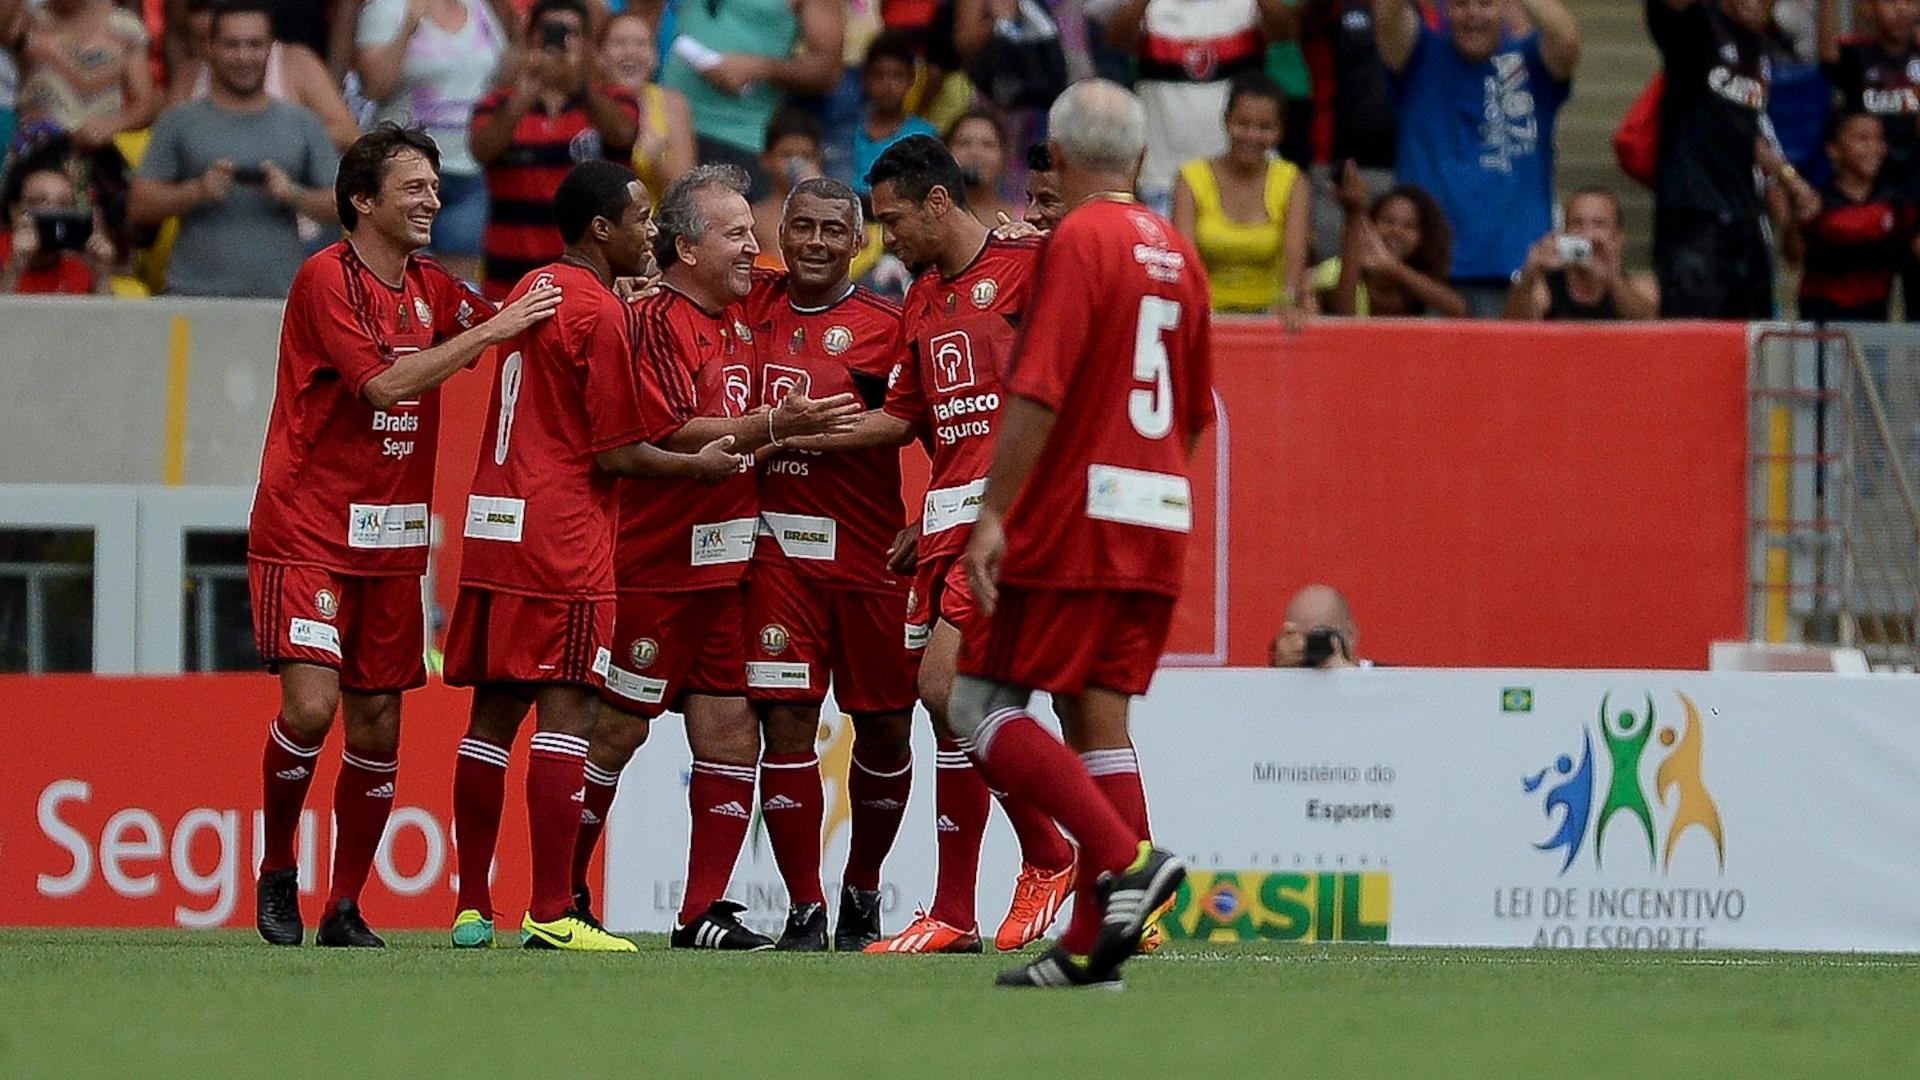 28.dez.2013 - Zico comemora com Leonardo, Elias, Romário, Hernane, Junior e Léo Moura no Jogo das Estrelas, no Maracanã